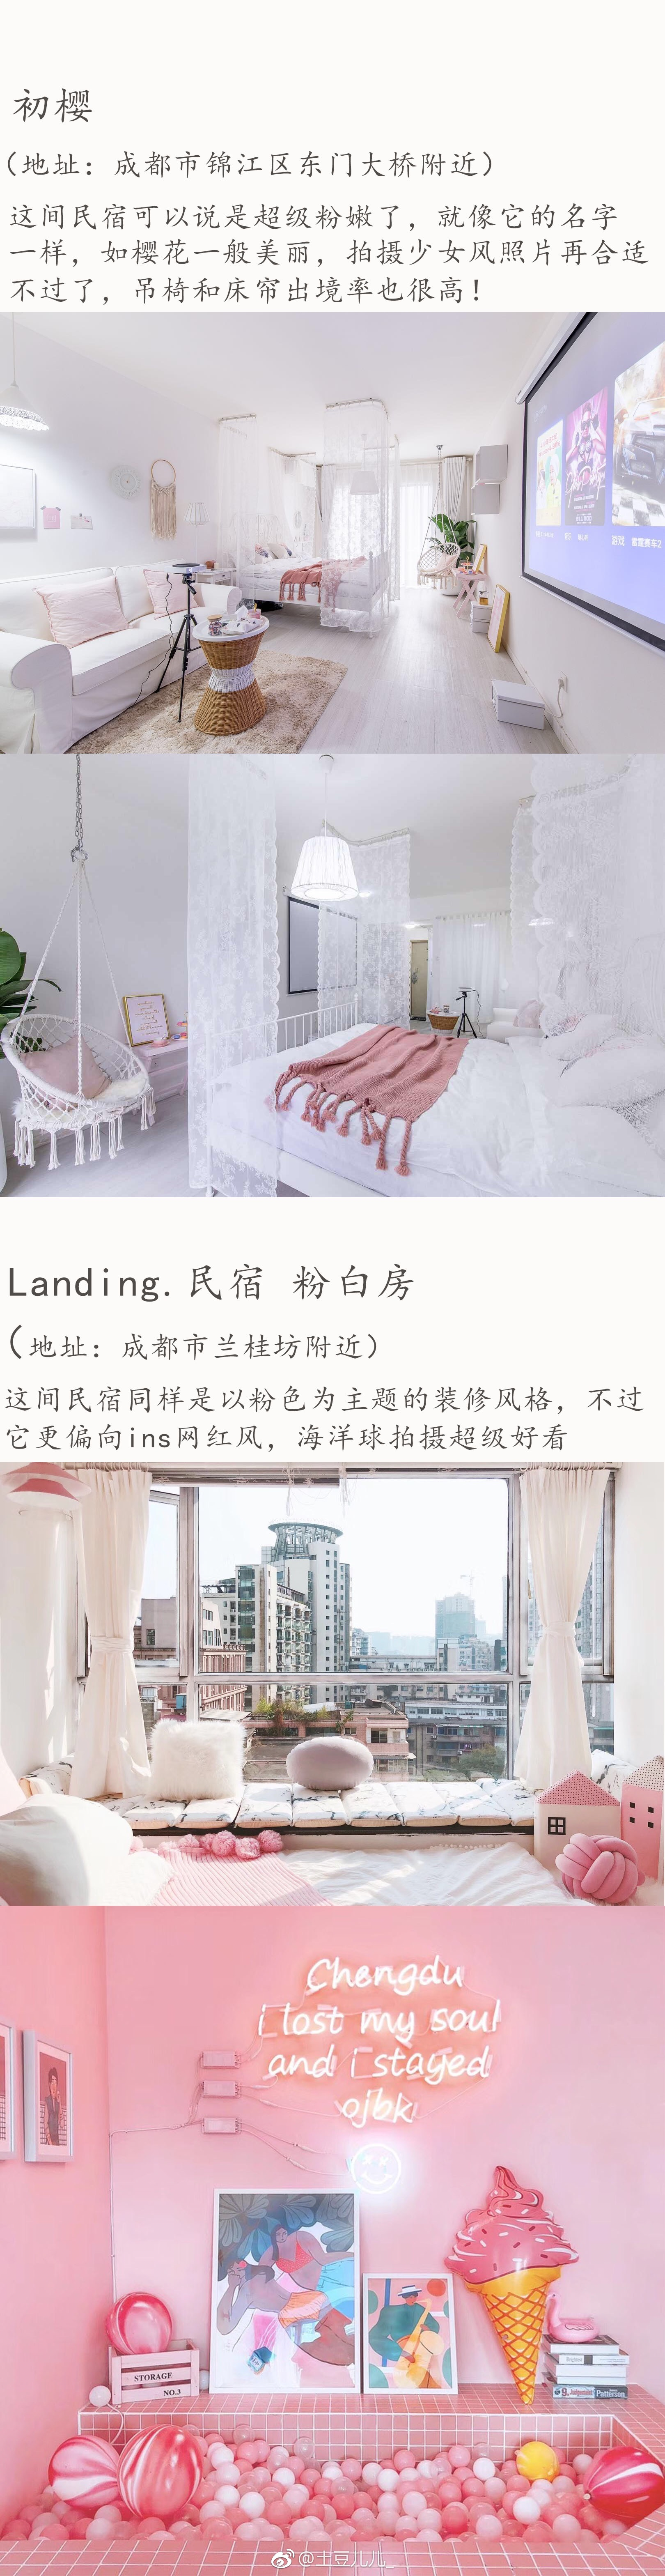 一篇以住宿推荐为主的成都旅游攻略,或樱花粉红,或蓝白清新